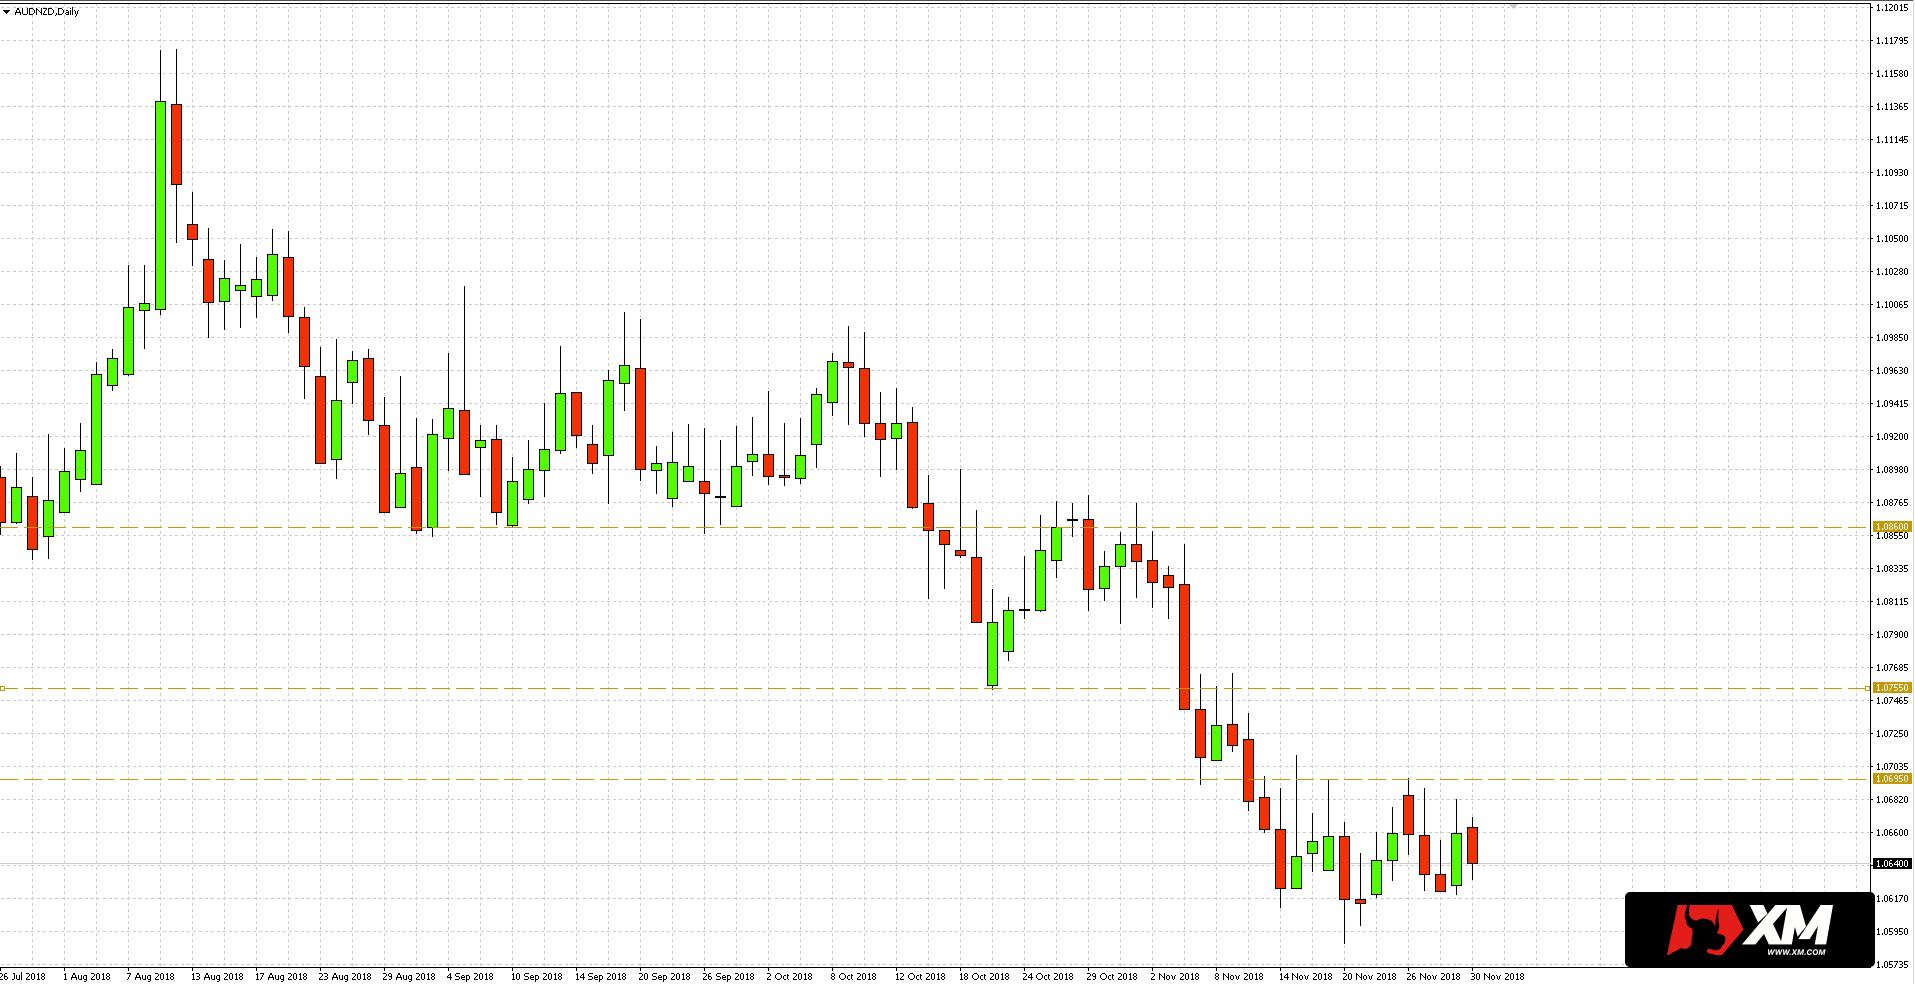 Notowania dolara australijskiego (AUD) w relacji do nowozelandzkiego (NZD) poruszają się w trendzie spadkowym o czym świadczą dołki i szczyty formujące się na coraz niższych poziomach